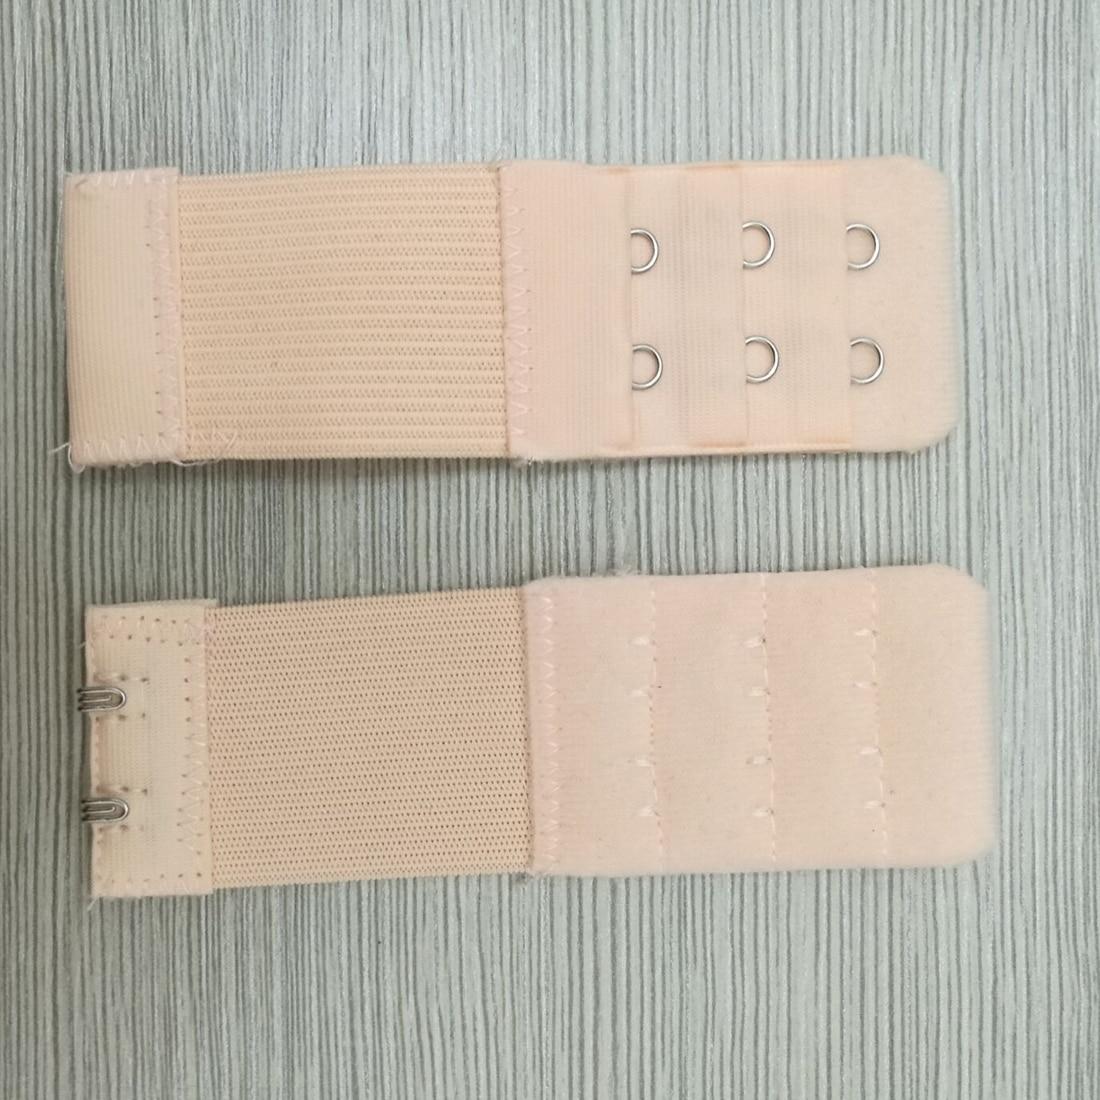 4 шт., 2 крючка, удлинитель для бюстгальтера для женщин, эластичный удлинитель для бюстгальтера, ремень, зажим для крючка, расширитель, Регулируемая пряжка для ремня, нижнее белье